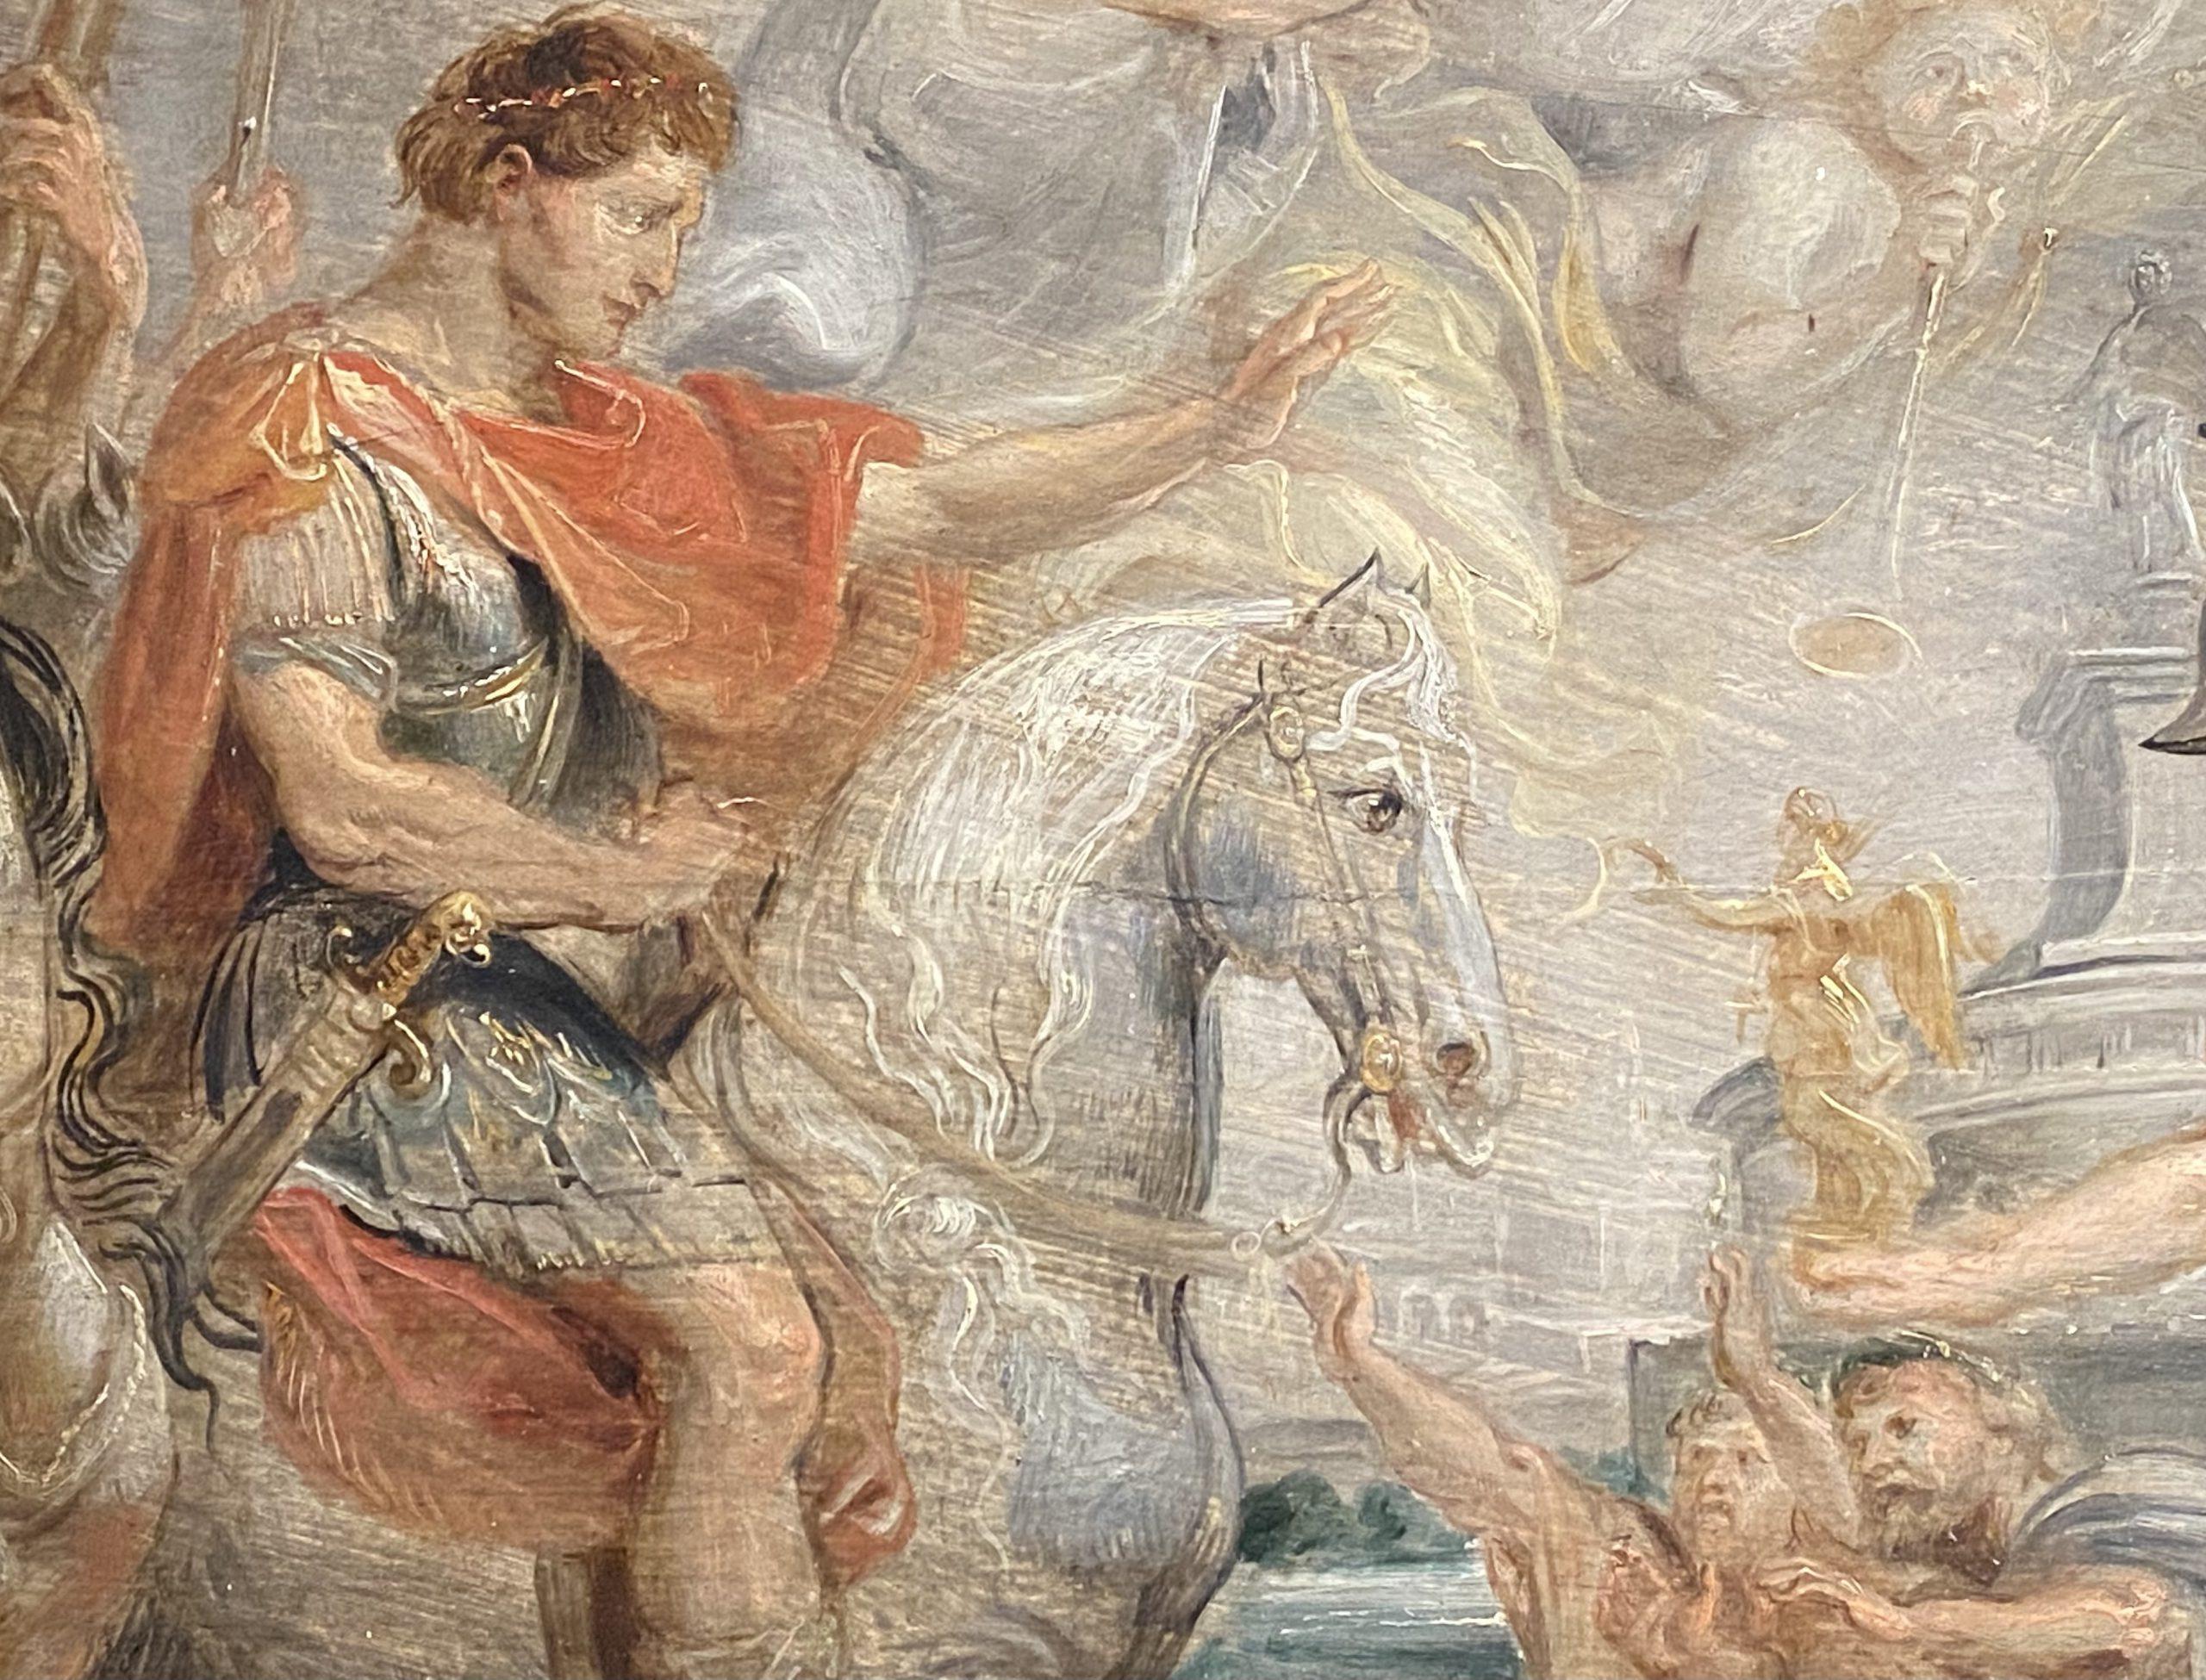 コンスタンティンのローマへの凱旋-ピーターポールルーベンス-特別展【光影浮空-欧州絵画500年】-成都博物館